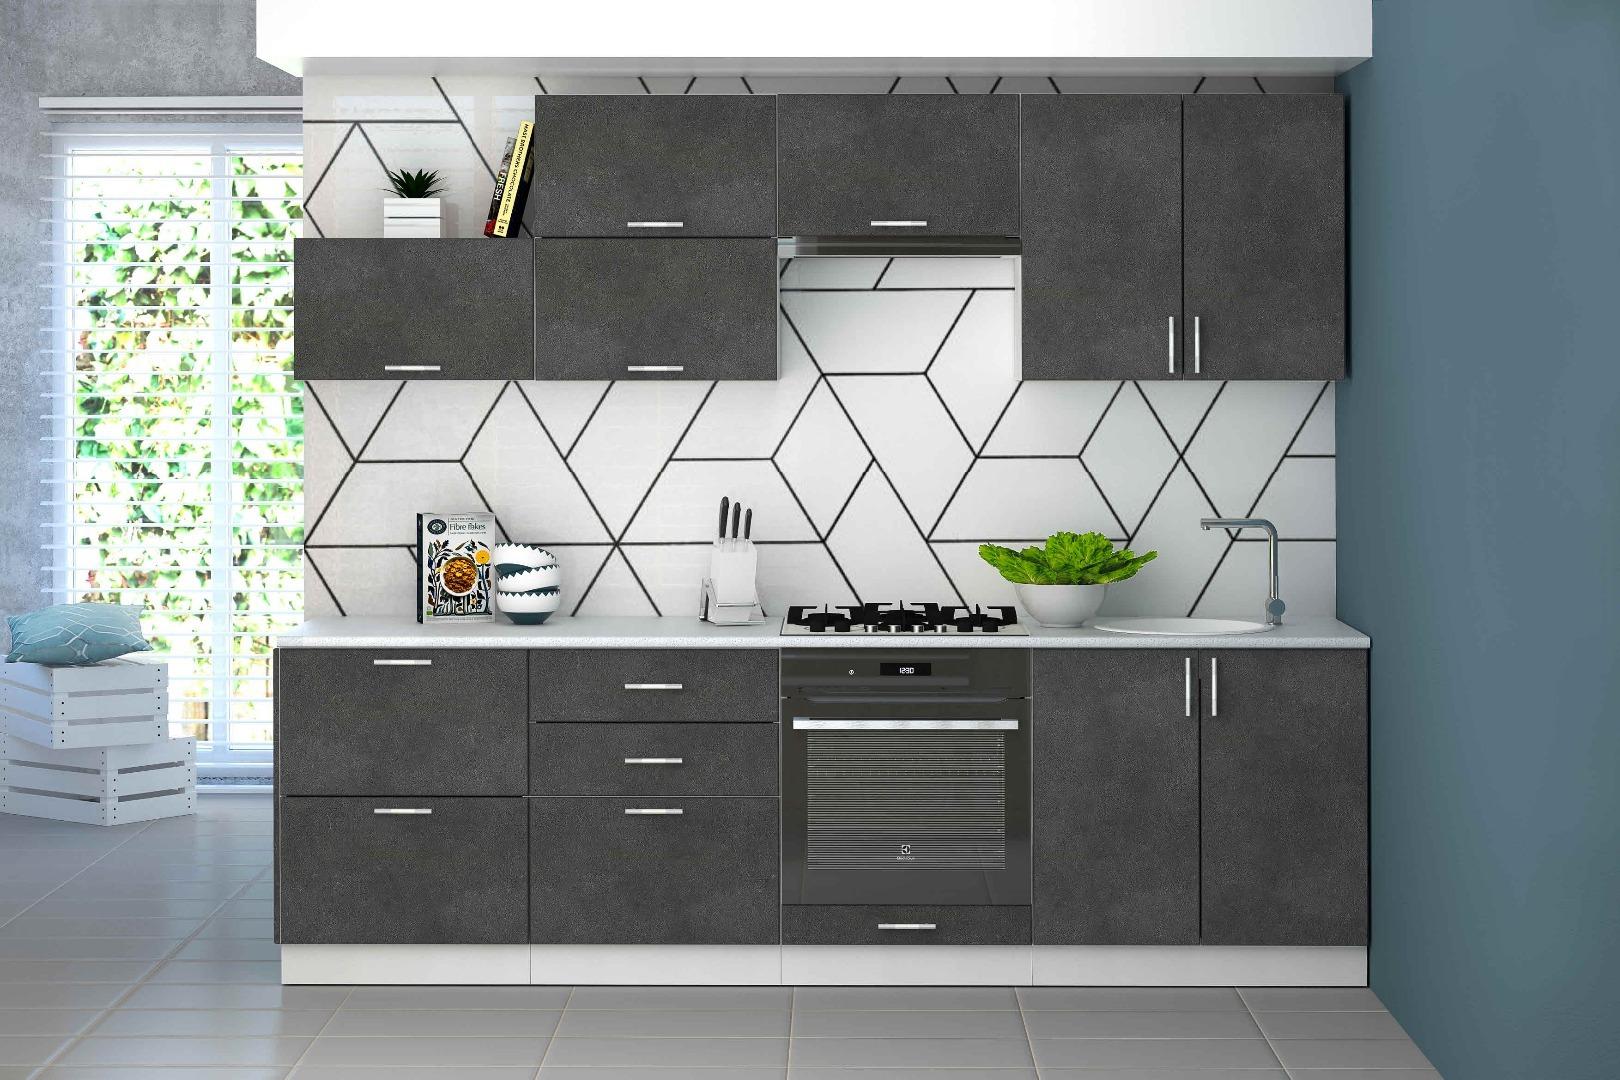 Кухня бетон купить стм выкса бетон